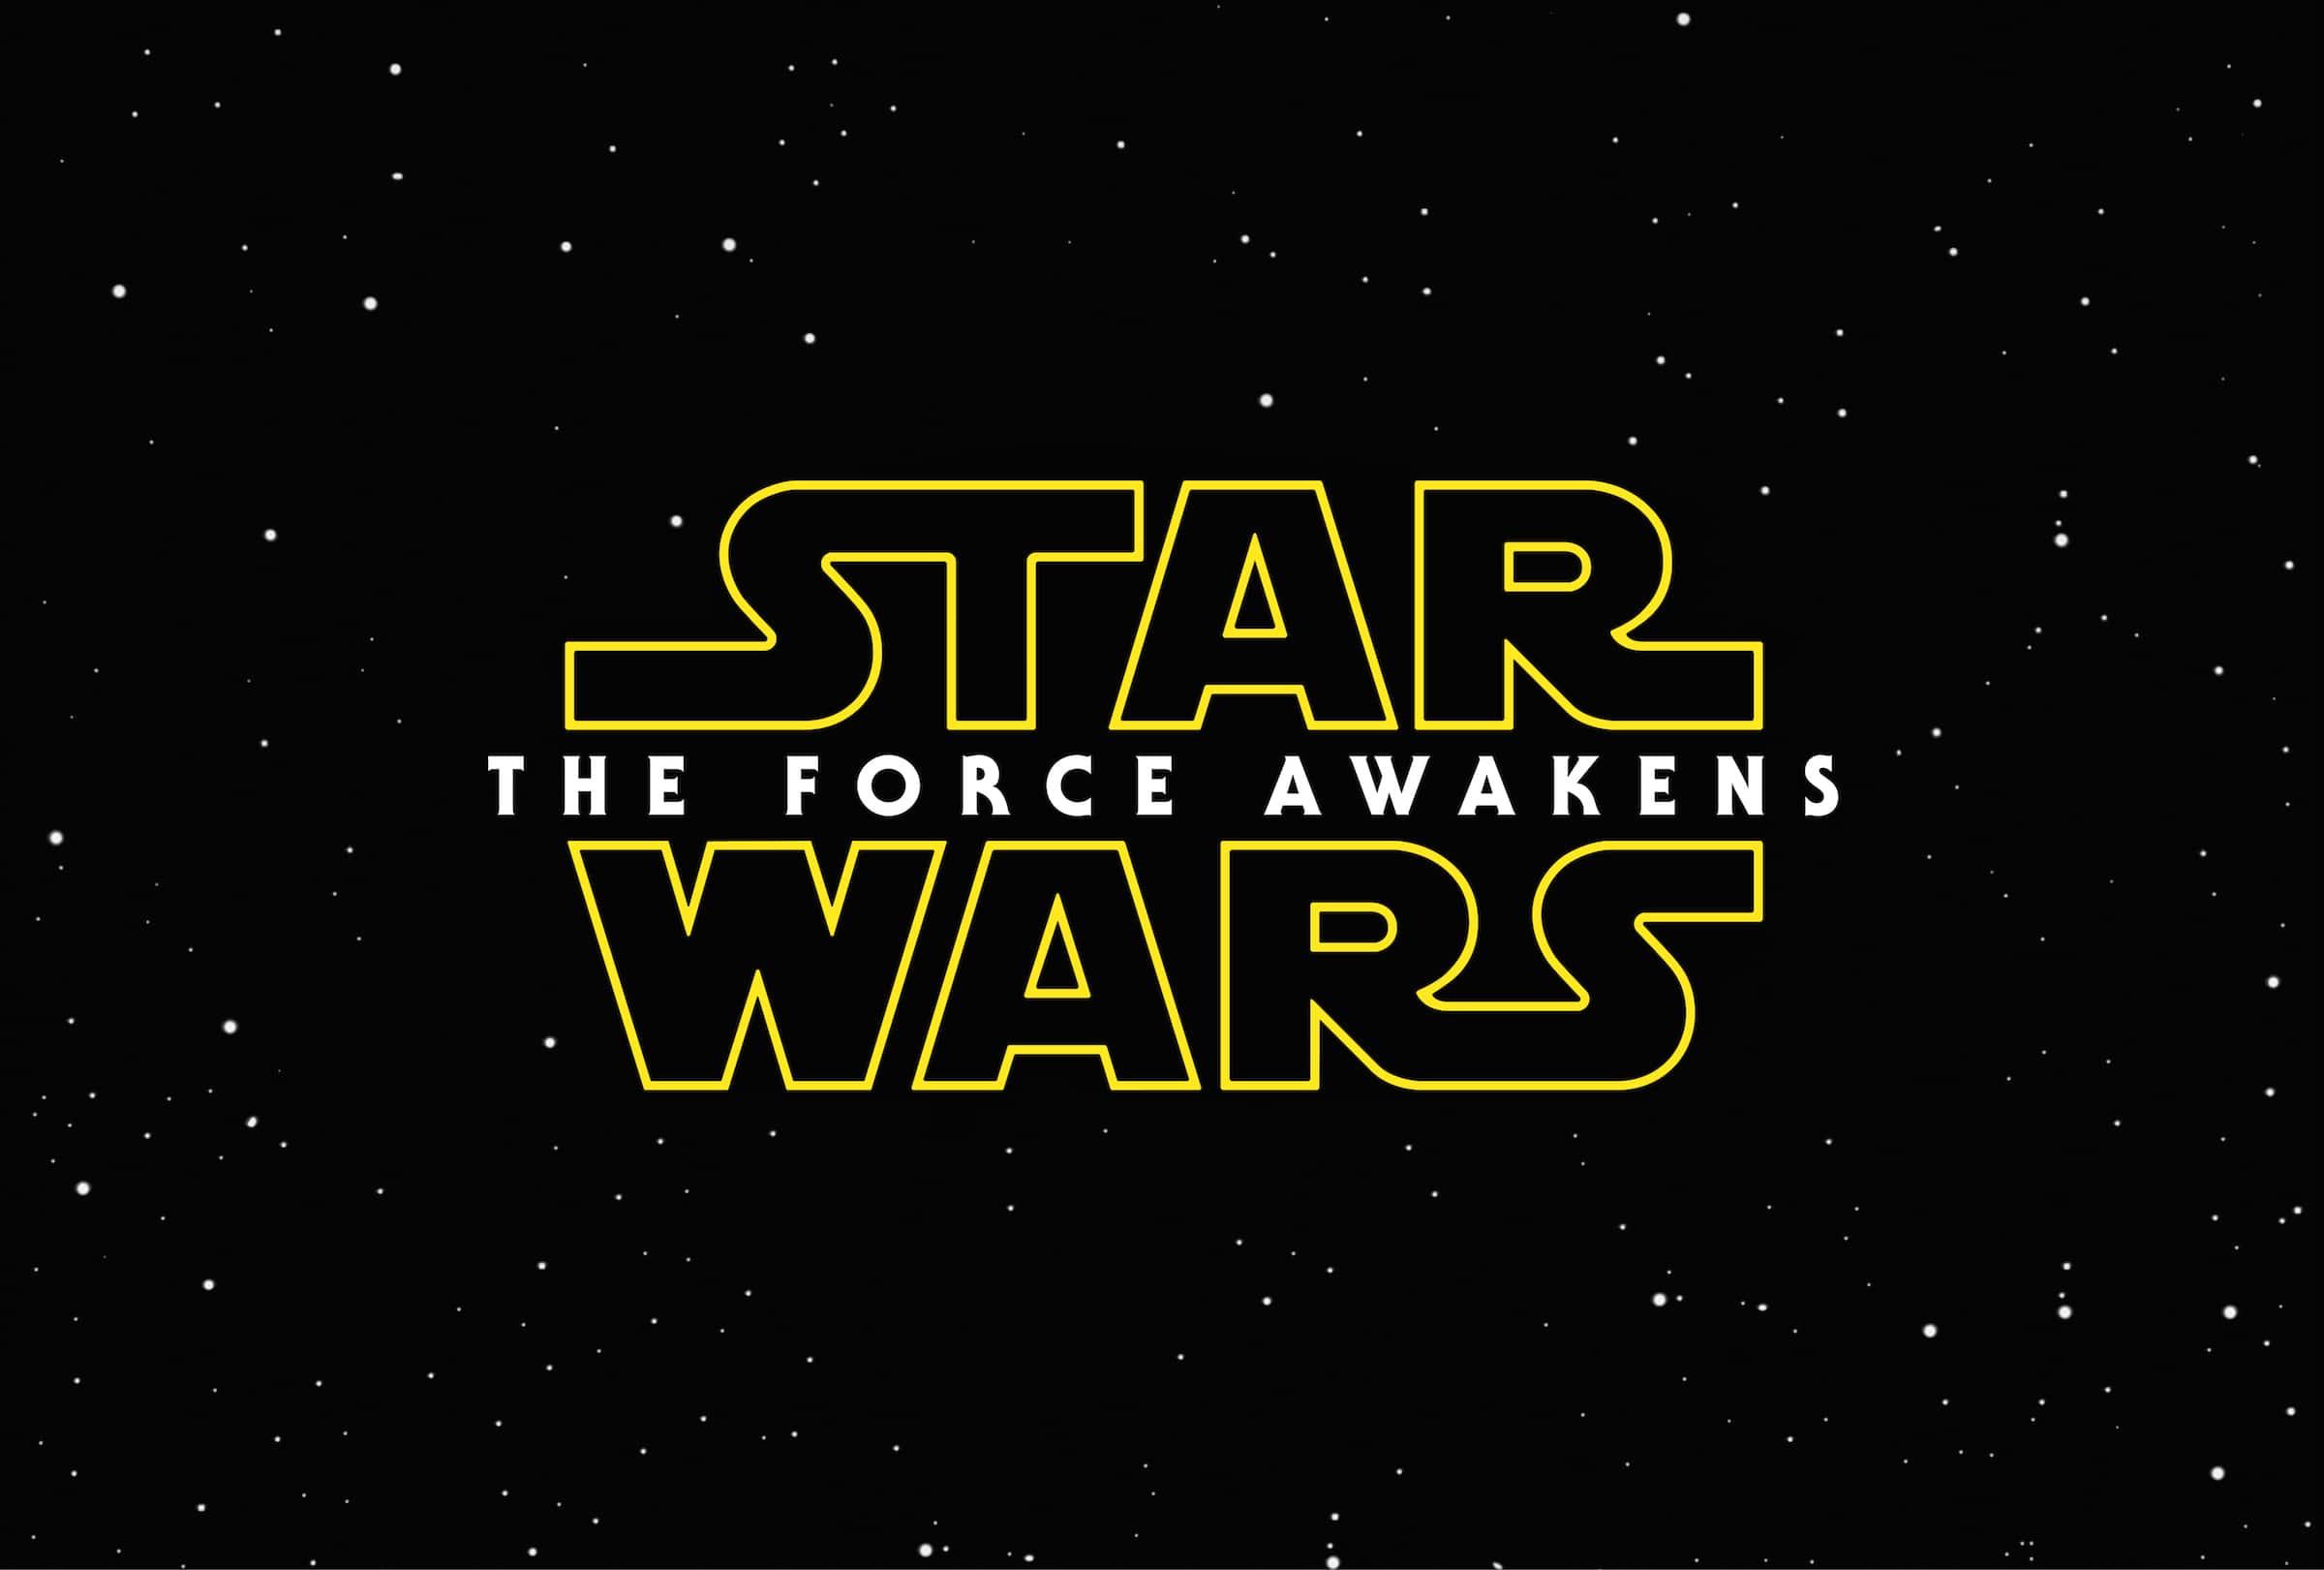 स्टार वार्स के सातवें एपिसोड ने किया बिलियन डॉलर का आंकड़ा पार